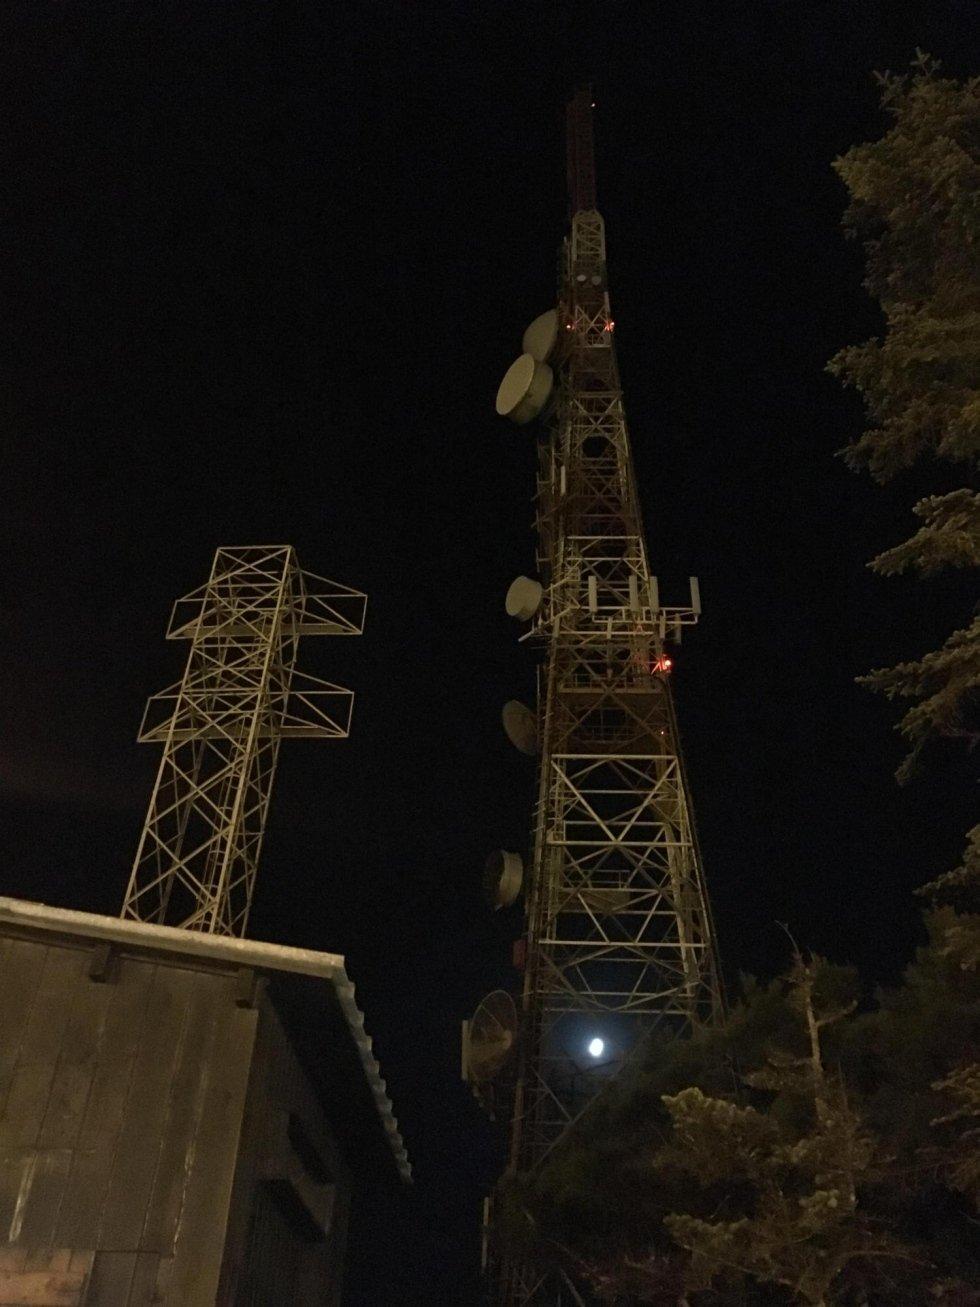 Lavori in notturna su antenne telefoniche